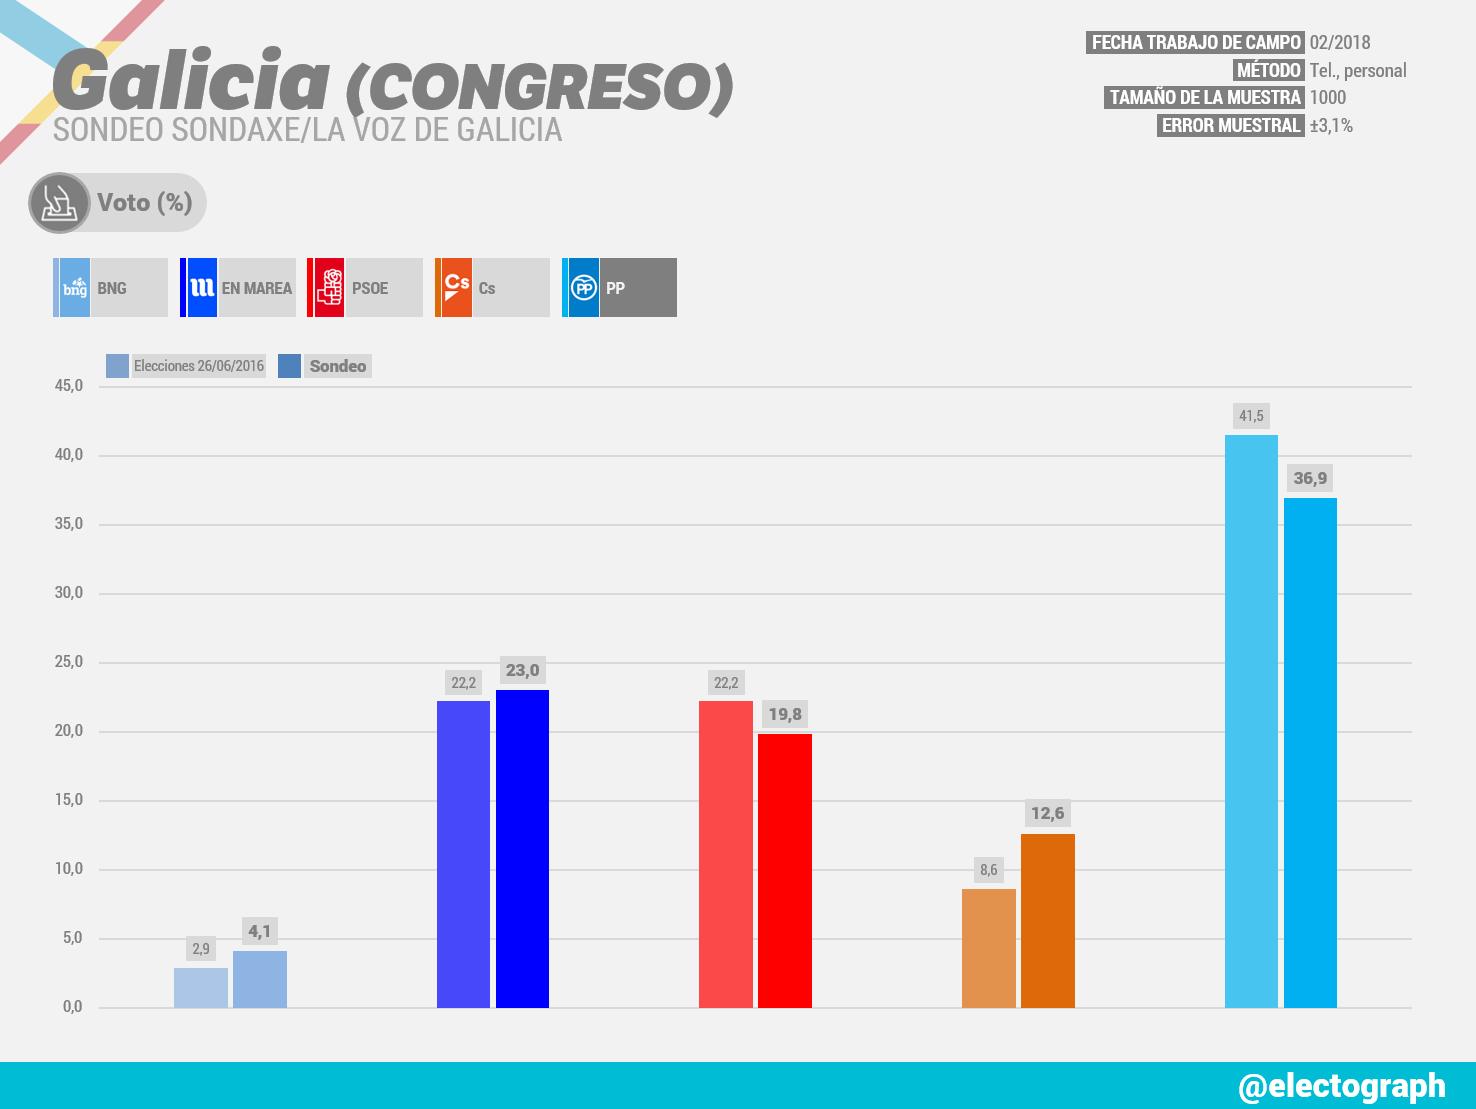 Gráfico de la encuesta para elecciones generales en Galicia realizada por Sondaxe para La Voz de Galicia en febrero de 2018